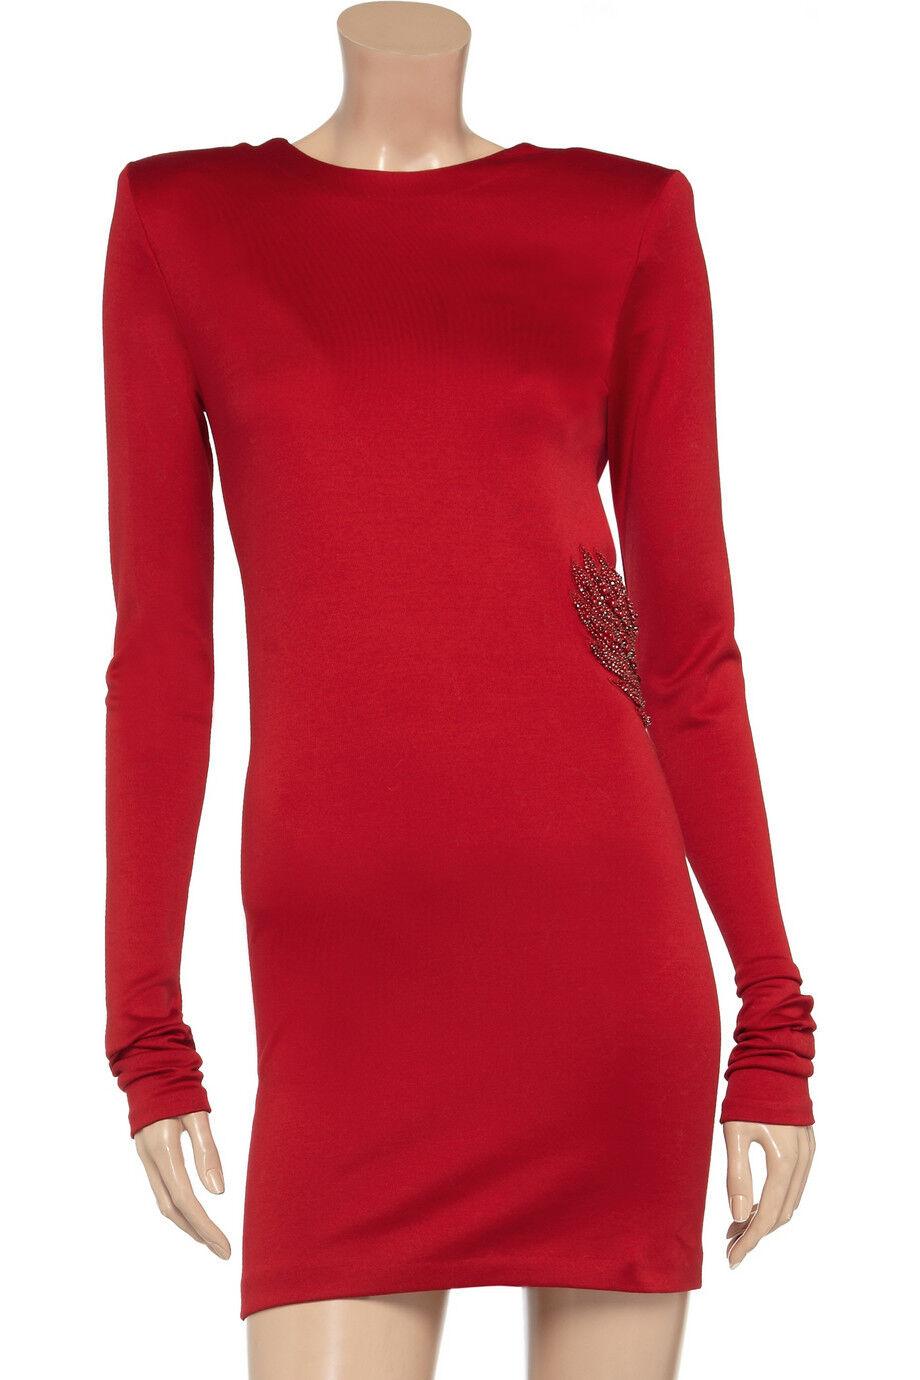 Balmain Red EMBROIDERED BIRD Dress Dress Dress Sz 40 Retail  3,870 NEW c51161